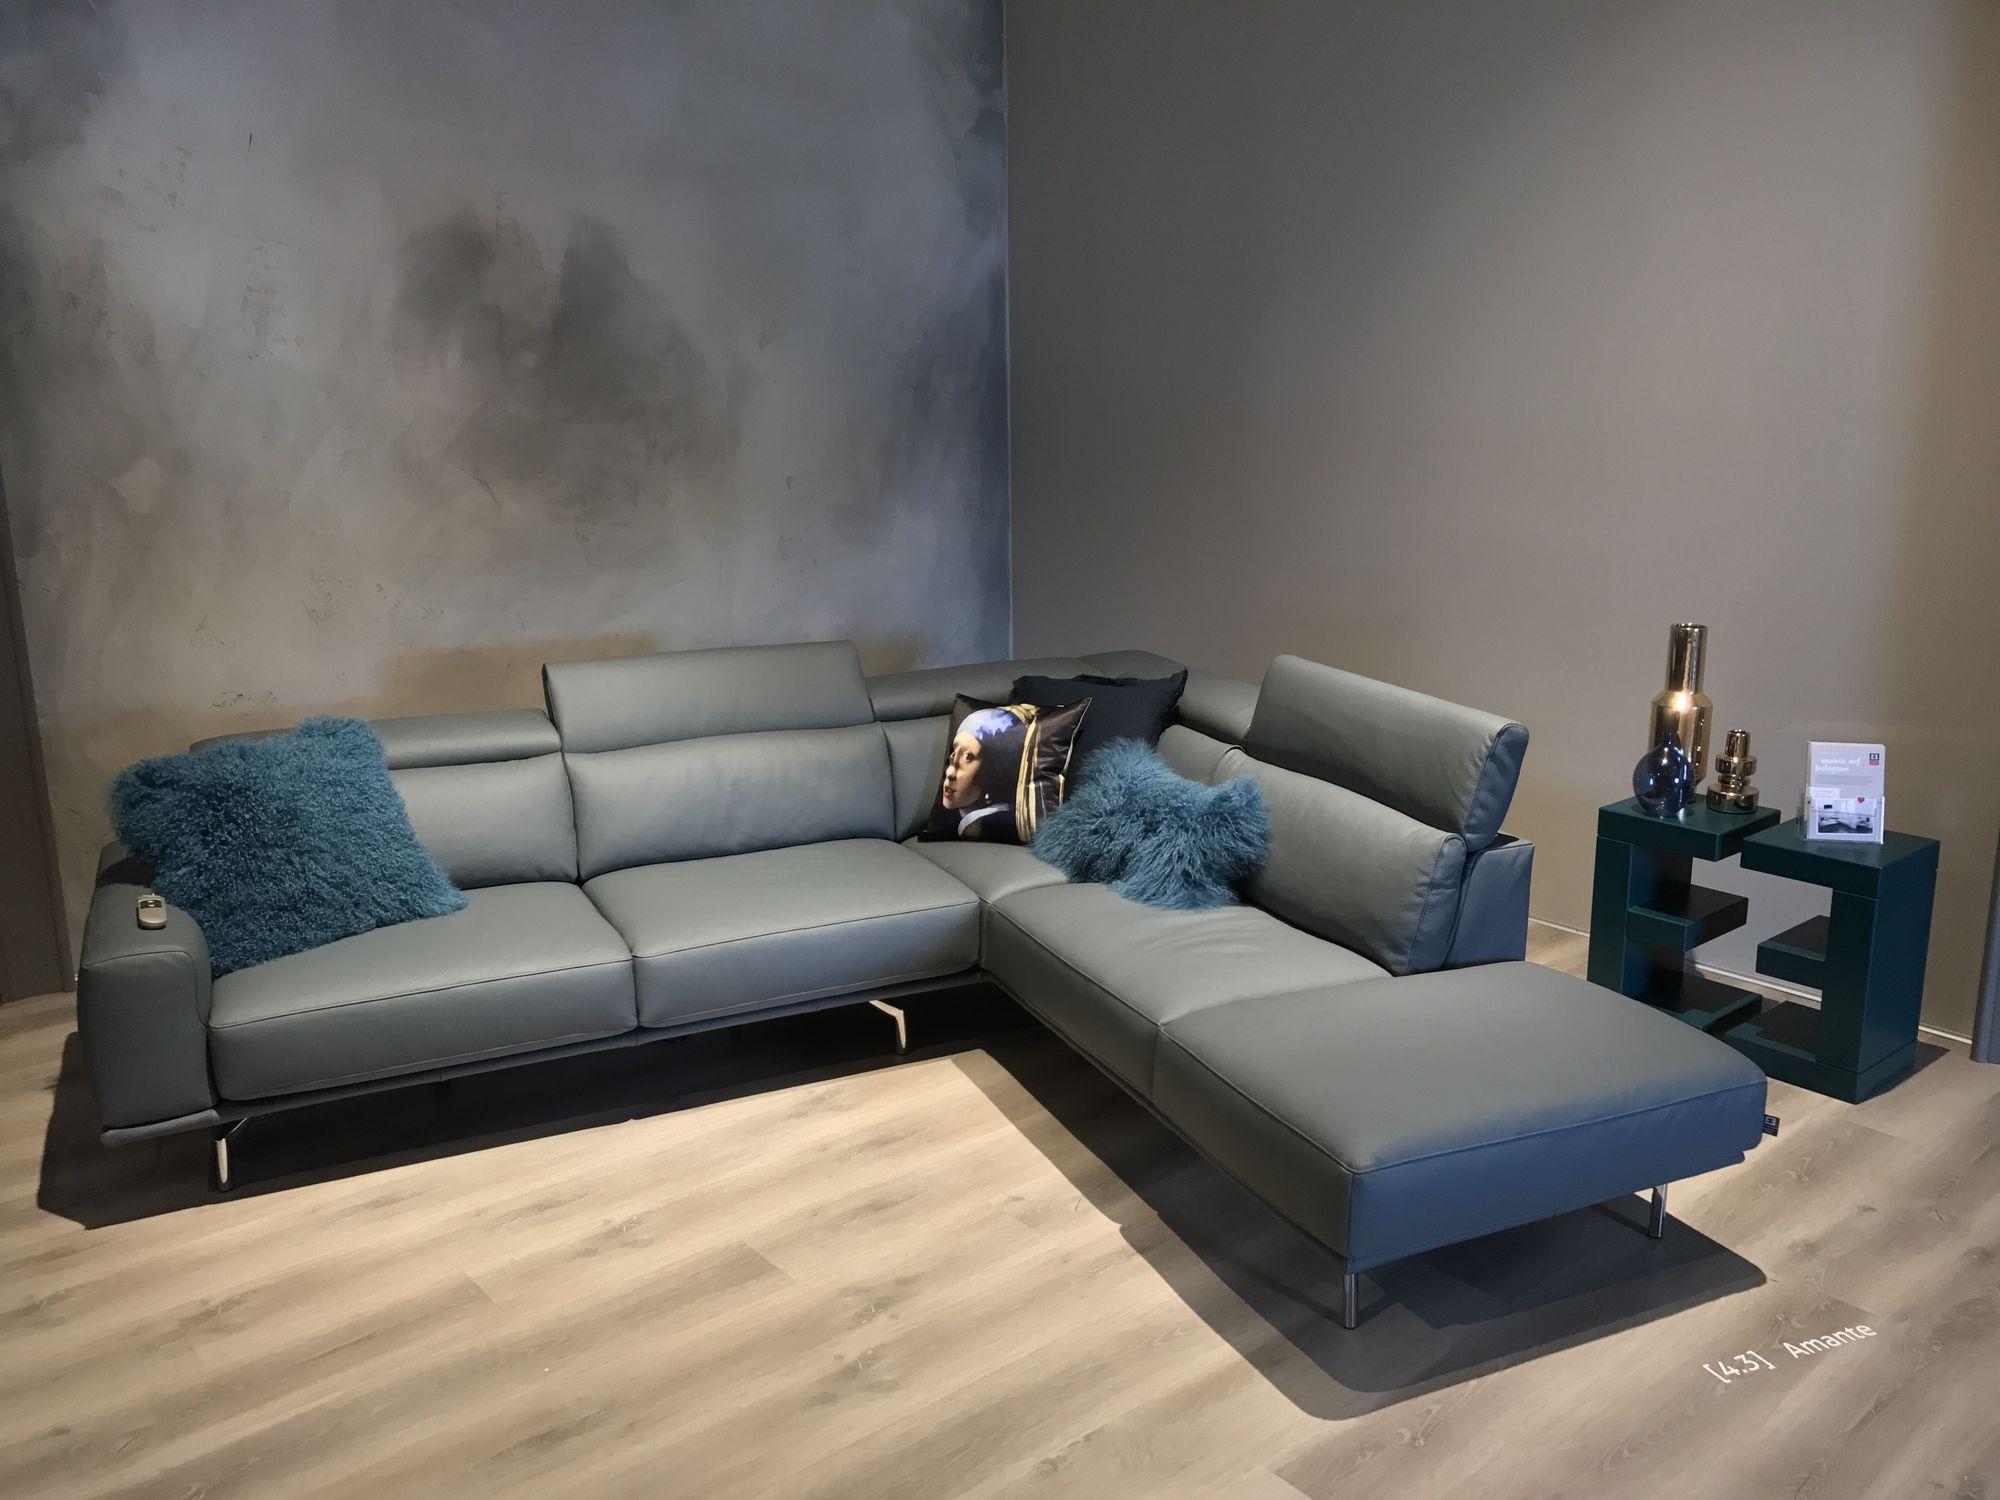 ewald schillig brand amante ecksofa mit mot auszug und kopfteillehnen im leder l140 in. Black Bedroom Furniture Sets. Home Design Ideas